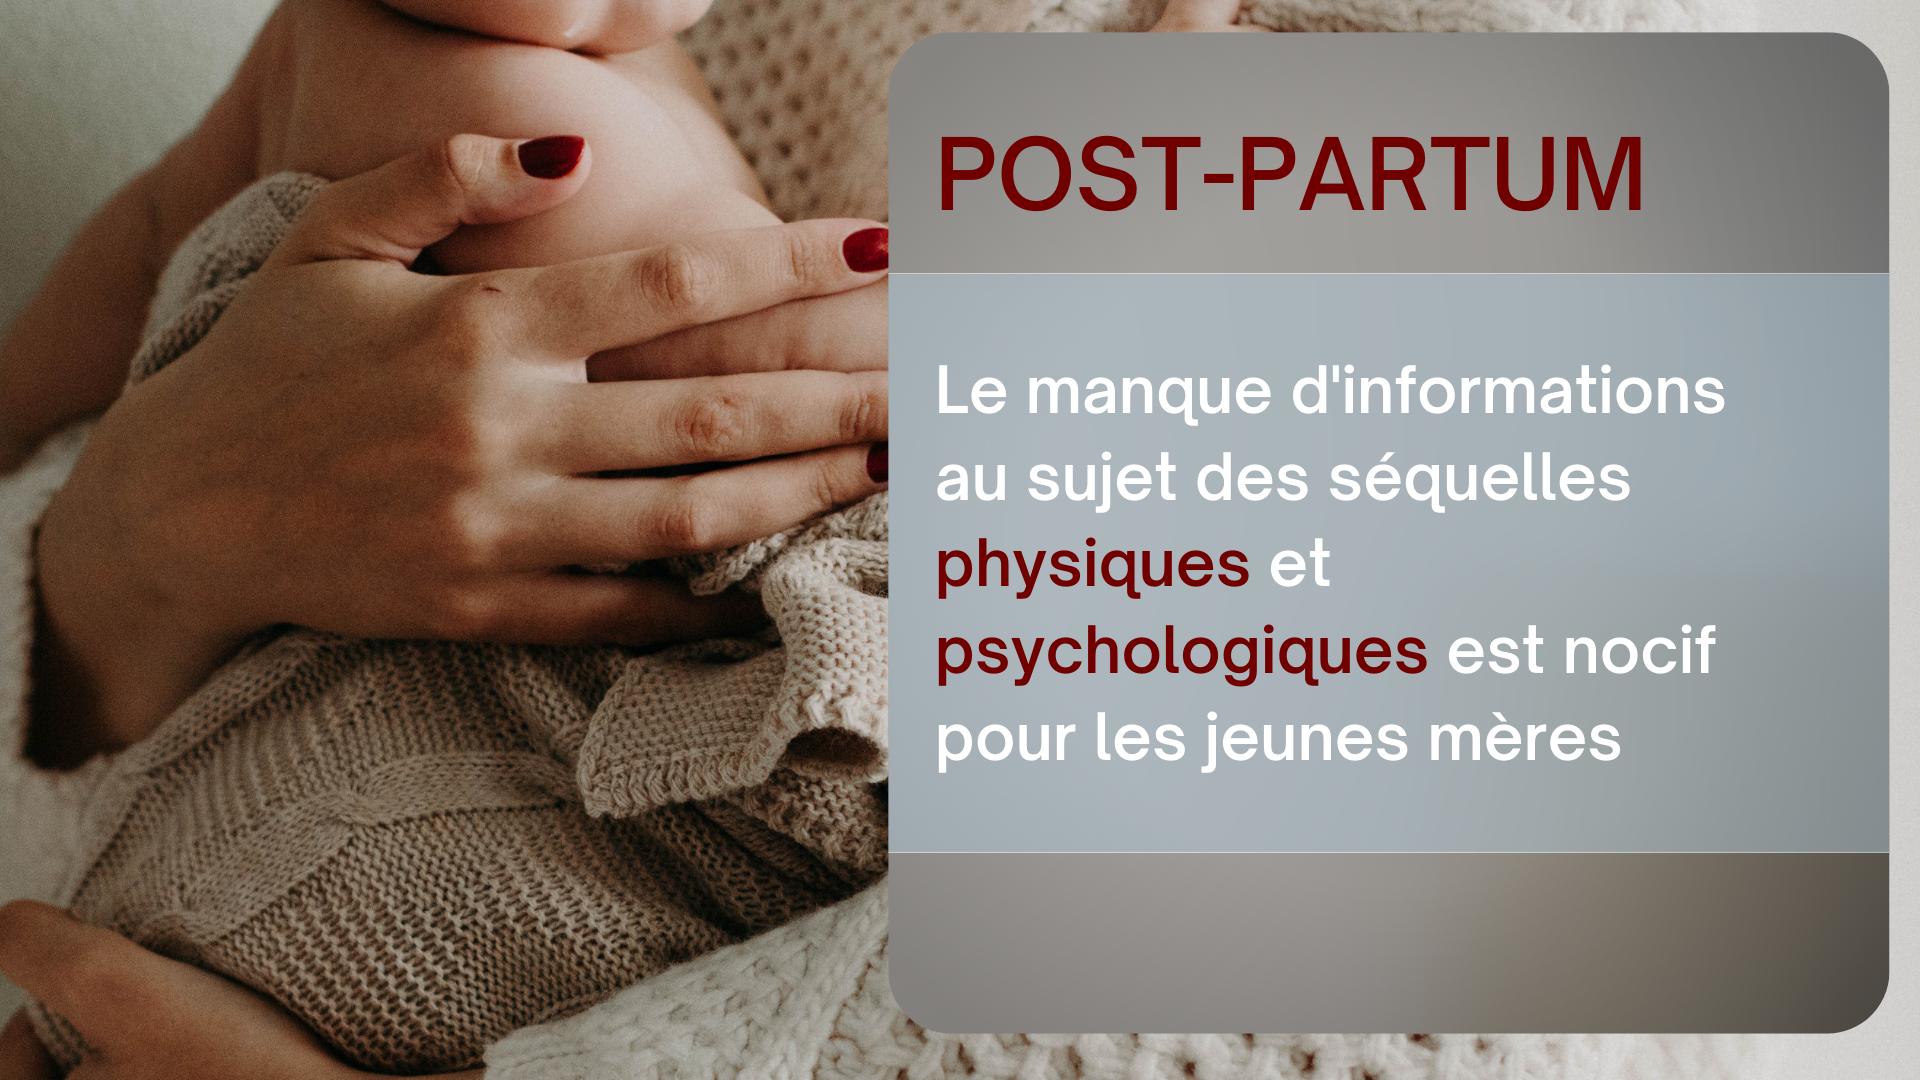 post partum informations séquelles physiques et psychologiques